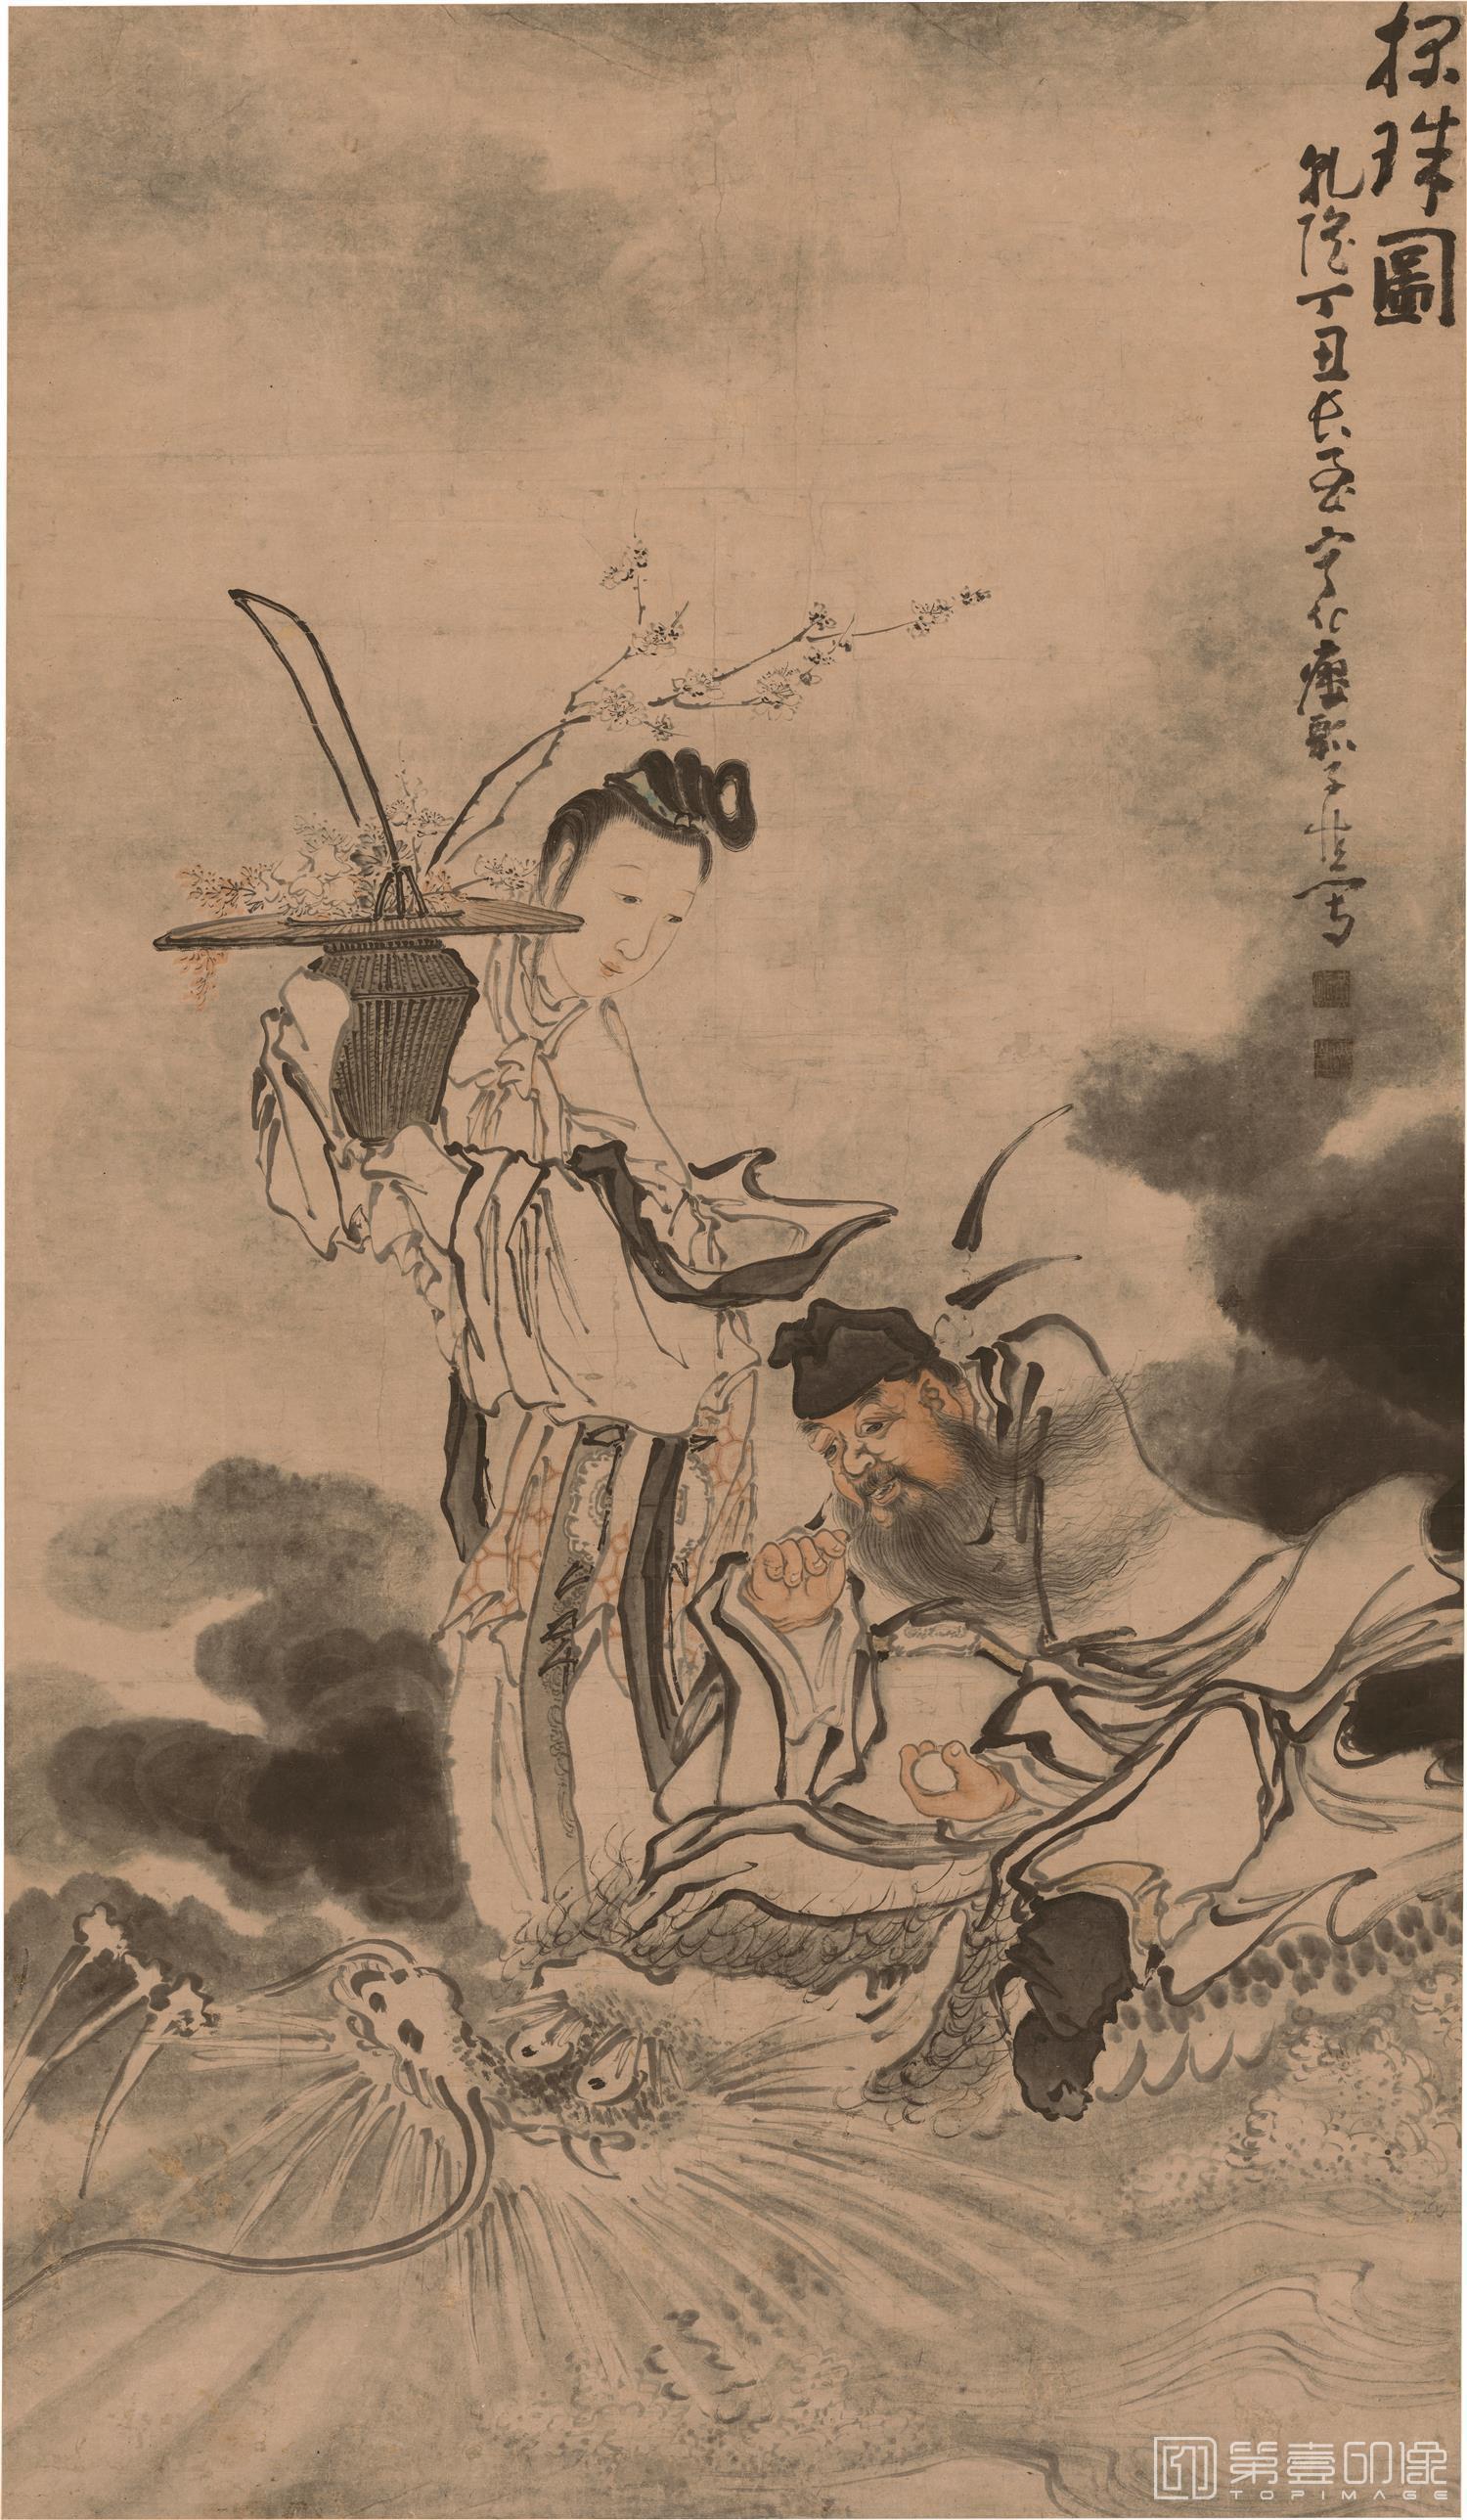 国画-国画-清 黄慎 探珠图立轴纸本-107×184